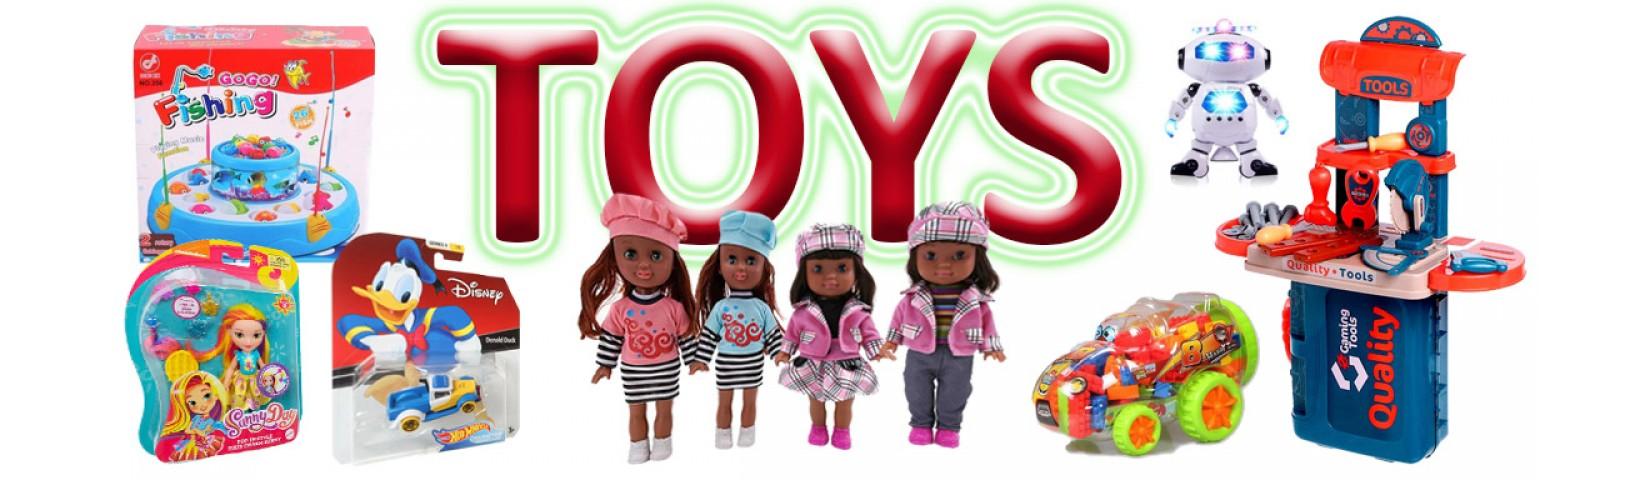 2021 Toys